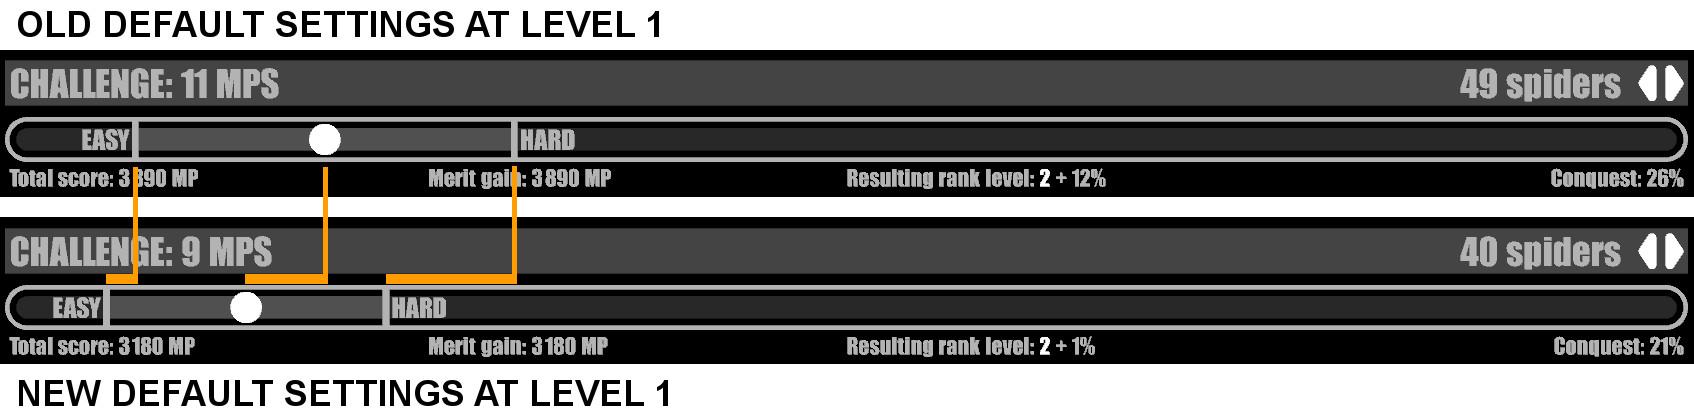 difficulty comparison